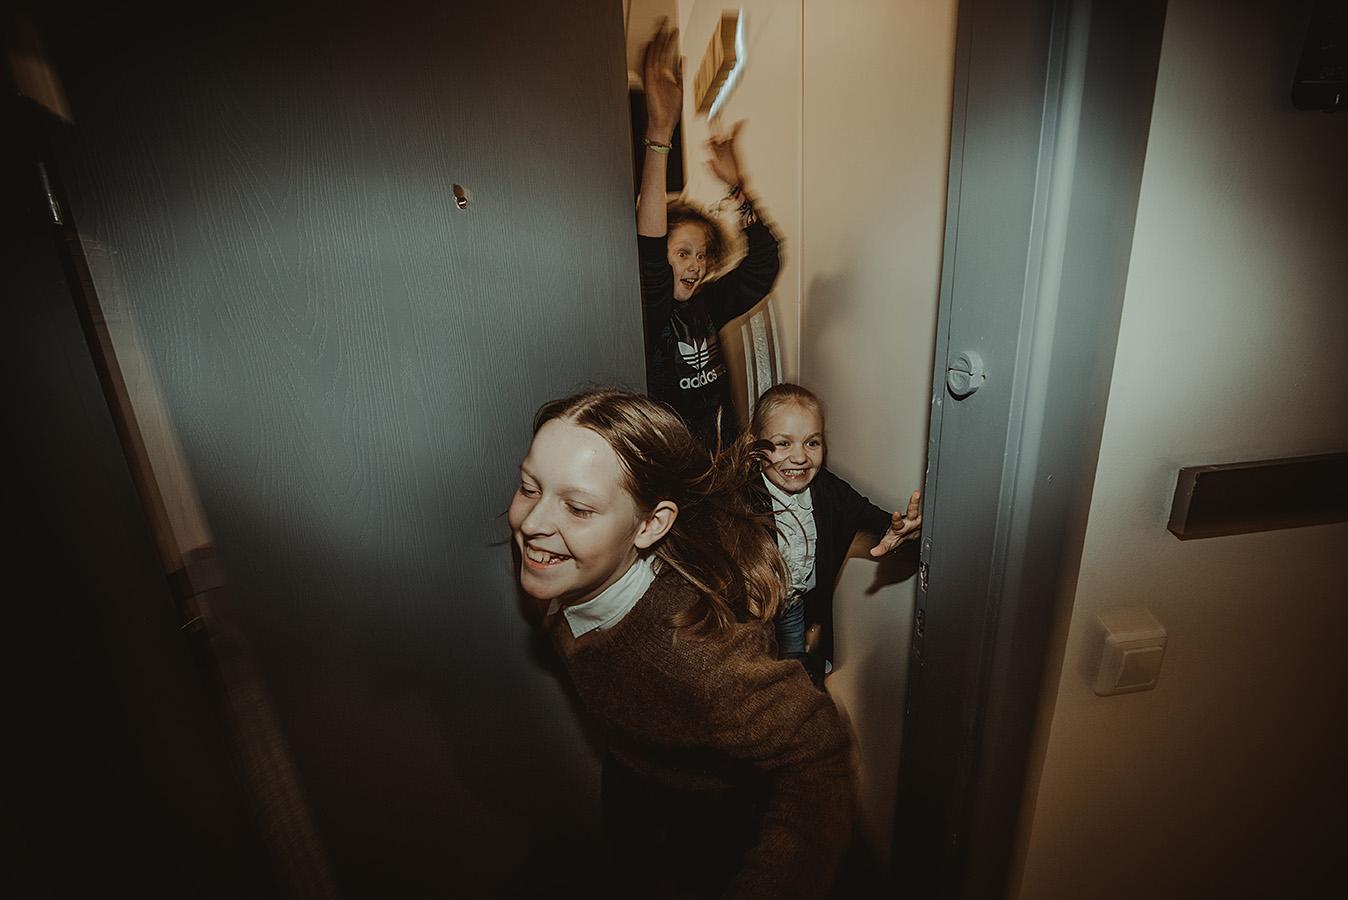 Gimtadienis pabėgimo kambaryje